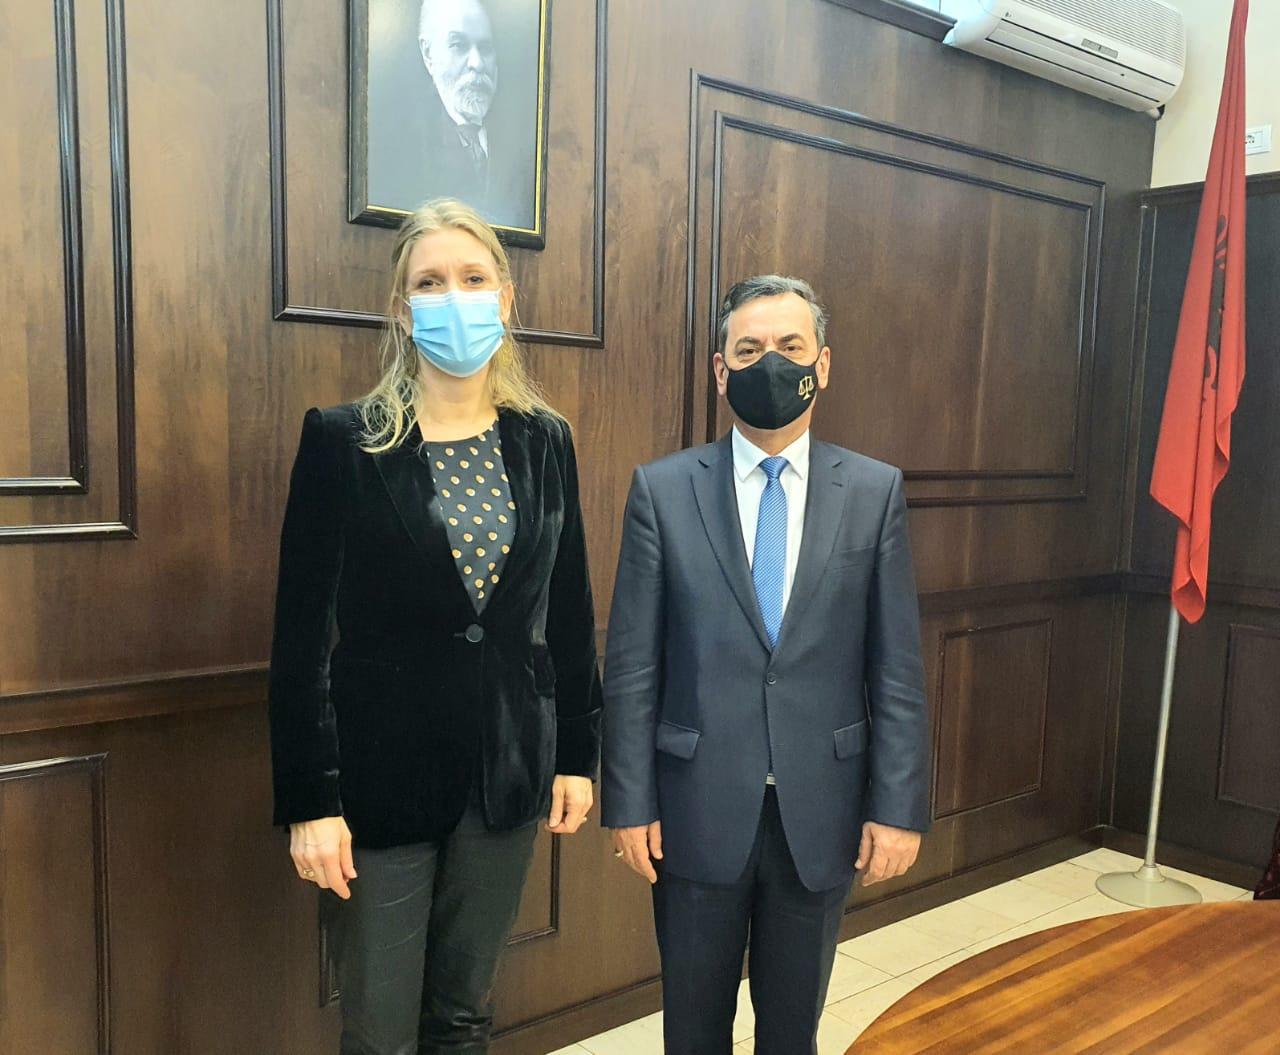 Zëvendës Kryetari i Gjykatës së Lartë Z. Sokol Sadushi është takuar të martën, datë 26.01.2021, me Ambasadoren e Mbretërisë së Hollandës në Tiranë Zj. Guusje Korthals-Altes dhe Zëvendës Ambasadorin Z. Rogier Nouwen.